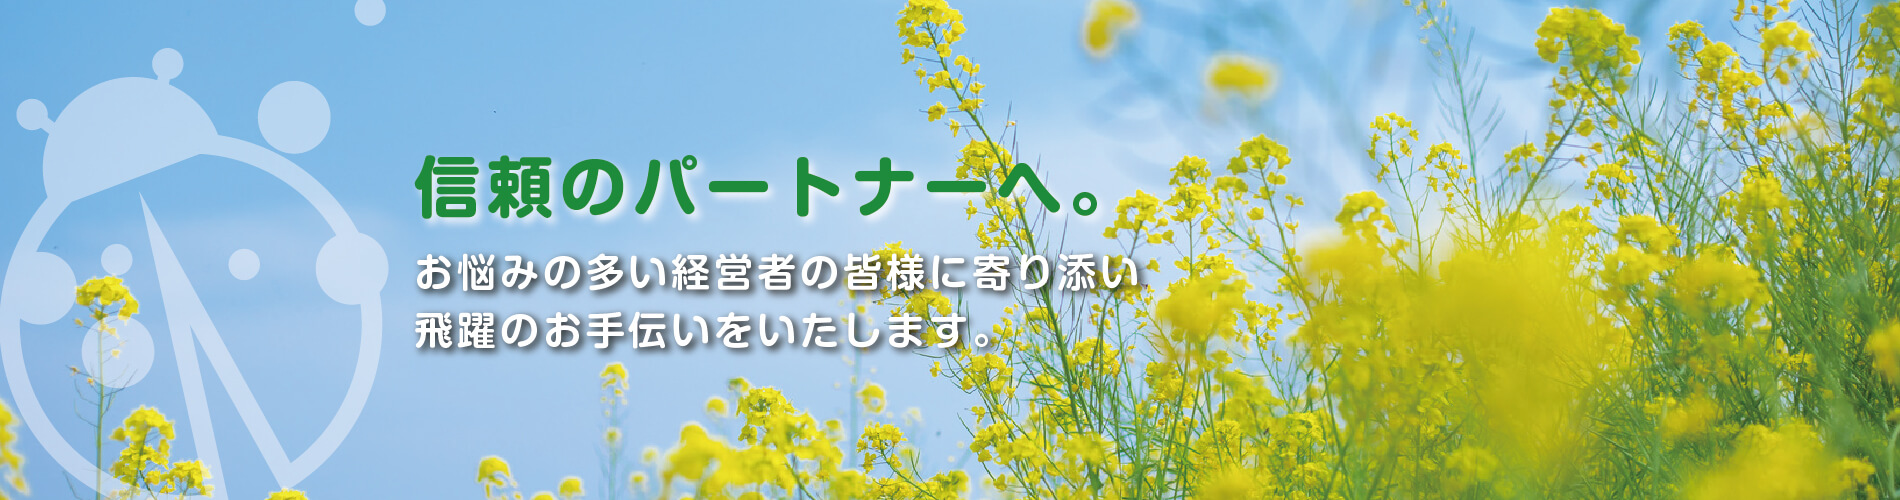 川上社労士スライダ-01 千葉市